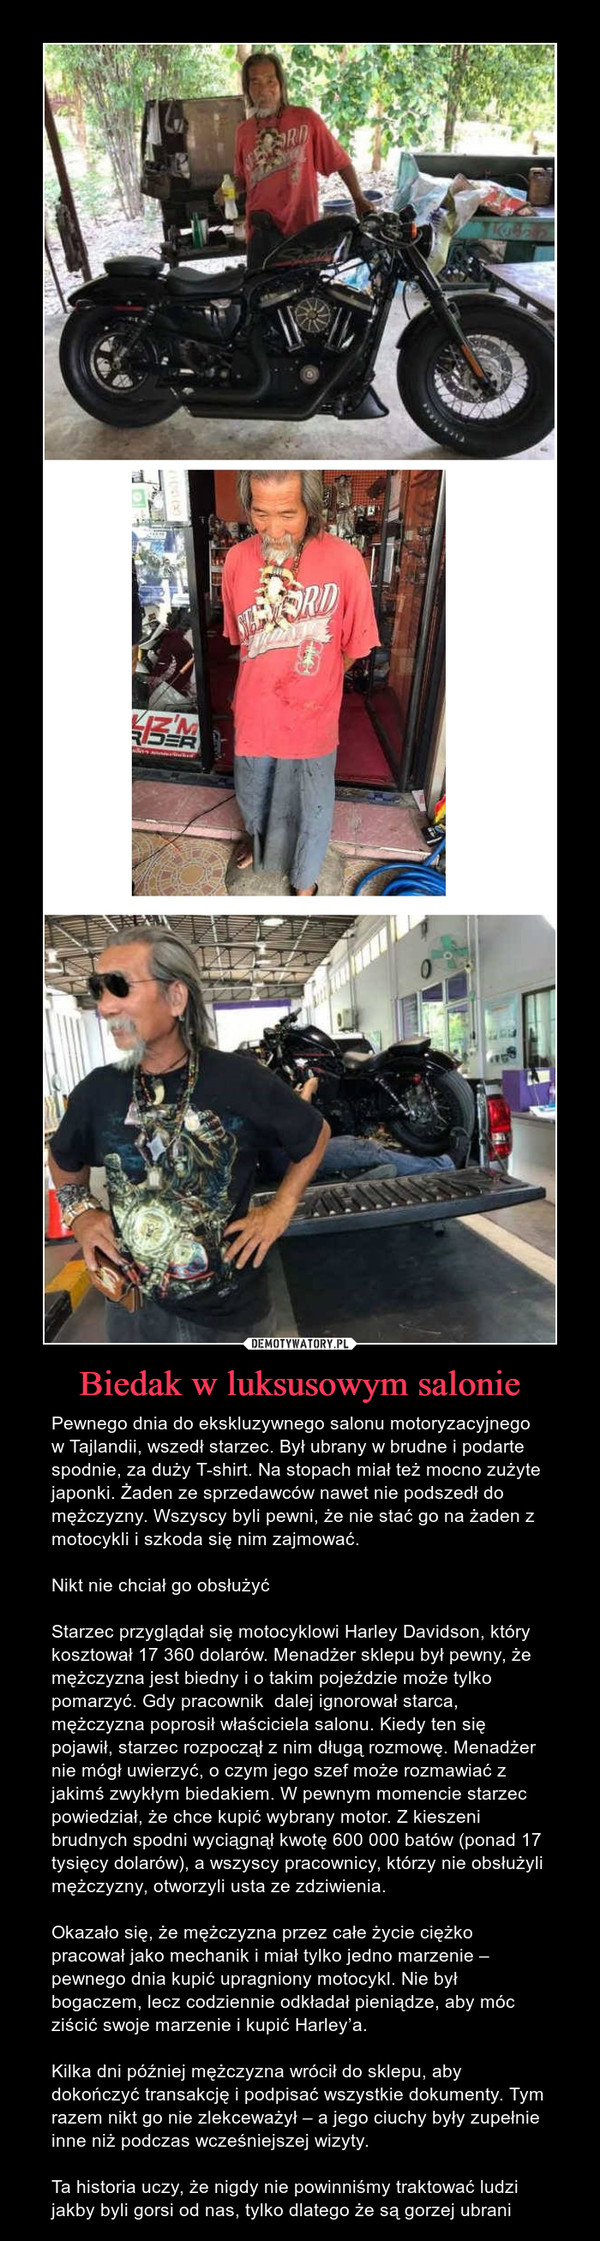 Biedak w luksusowym salonie – Pewnego dnia do ekskluzywnego salonu motoryzacyjnego w Tajlandii, wszedł starzec. Był ubrany w brudne i podarte spodnie, za duży T-shirt. Na stopach miał też mocno zużyte japonki. Żaden ze sprzedawców nawet nie podszedł do mężczyzny. Wszyscy byli pewni, że nie stać go na żaden z motocykli i szkoda się nim zajmować.Nikt nie chciał go obsłużyćStarzec przyglądał się motocyklowi Harley Davidson, który kosztował 17 360 dolarów. Menadżer sklepu był pewny, że mężczyzna jest biedny i o takim pojeździe może tylko pomarzyć. Gdy pracownik  dalej ignorował starca, mężczyzna poprosił właściciela salonu. Kiedy ten się pojawił, starzec rozpoczął z nim długą rozmowę. Menadżer nie mógł uwierzyć, o czym jego szef może rozmawiać z jakimś zwykłym biedakiem. W pewnym momencie starzec powiedział, że chce kupić wybrany motor. Z kieszeni brudnych spodni wyciągnął kwotę 600 000 batów (ponad 17 tysięcy dolarów), a wszyscy pracownicy, którzy nie obsłużyli mężczyzny, otworzyli usta ze zdziwienia.Okazało się, że mężczyzna przez całe życie ciężko pracował jako mechanik i miał tylko jedno marzenie – pewnego dnia kupić upragniony motocykl. Nie był bogaczem, lecz codziennie odkładał pieniądze, aby móc ziścić swoje marzenie i kupić Harley'a.Kilka dni później mężczyzna wrócił do sklepu, aby dokończyć transakcję i podpisać wszystkie dokumenty. Tym razem nikt go nie zlekceważył – a jego ciuchy były zupełnie inne niż podczas wcześniejszej wizyty.Ta historia uczy, że nigdy nie powinniśmy traktować ludzi jakby byli gorsi od nas, tylko dlatego że są gorzej ubrani